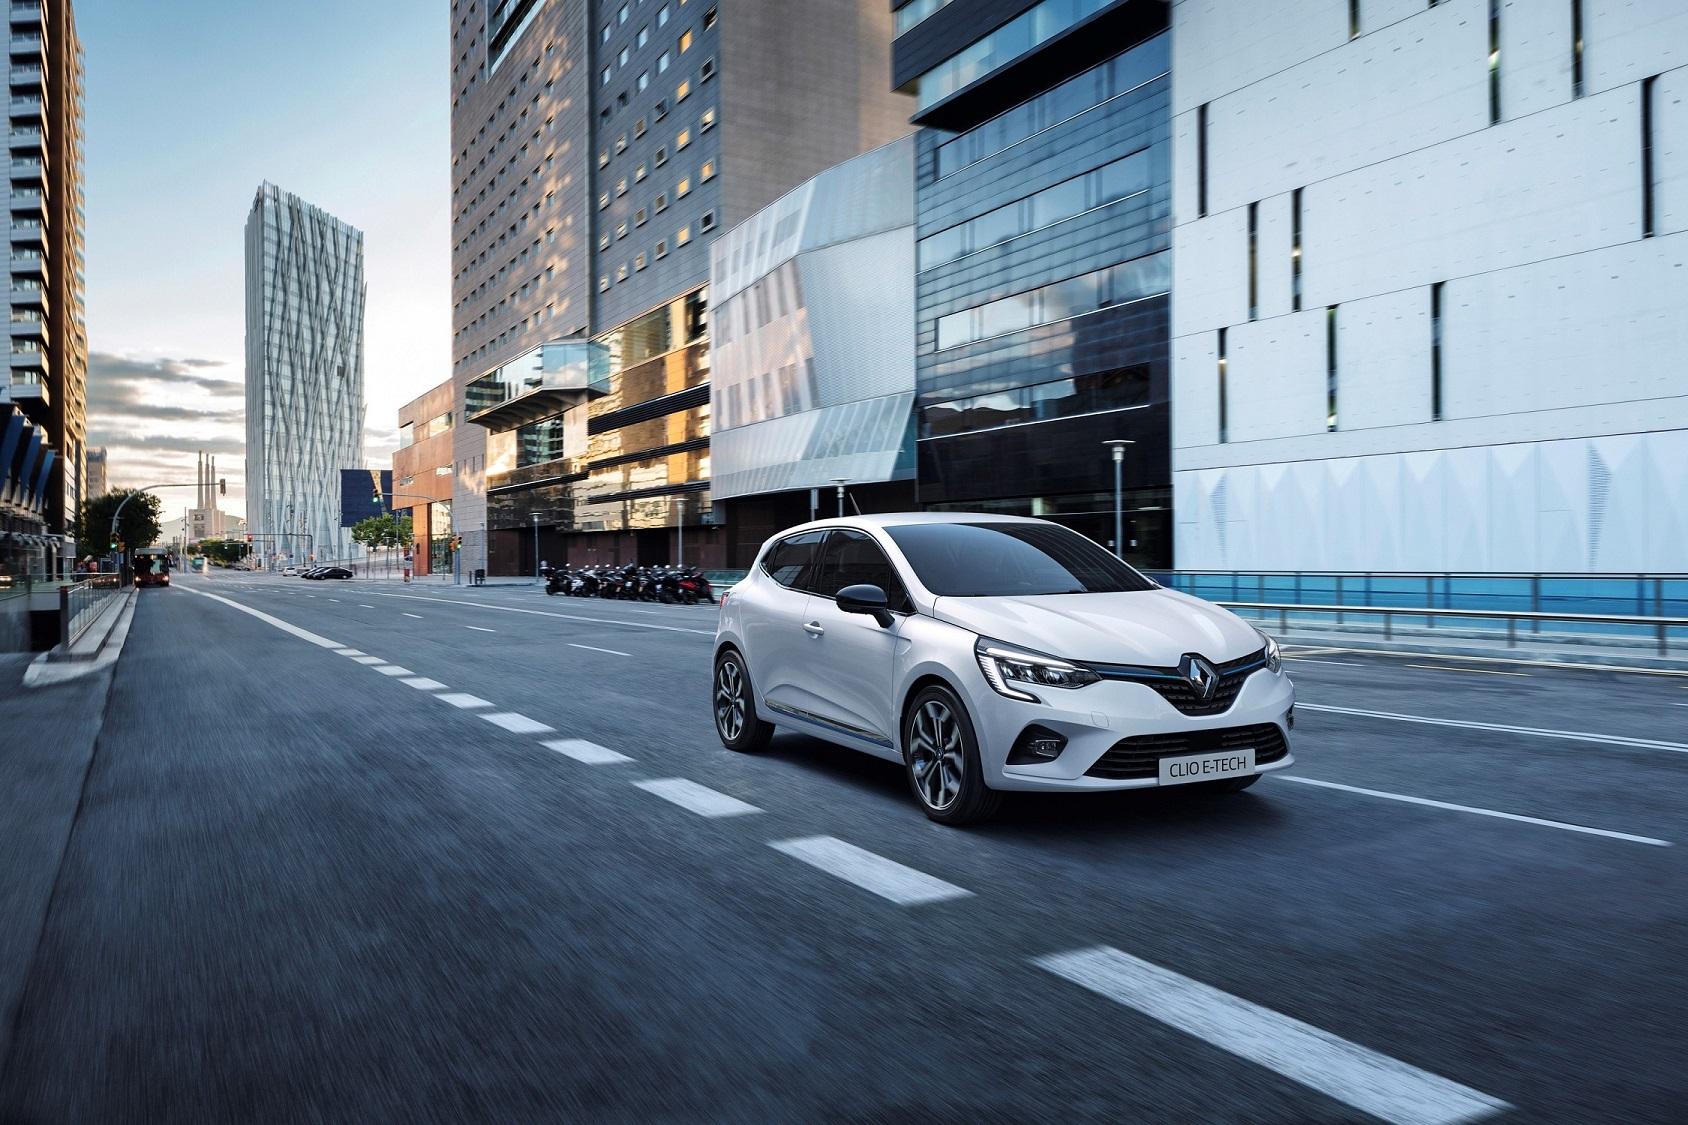 Renault CLIO E-TECH: Alles, was Sie von einem CLIO erwarten – mit allen Vorteilen des Hybridfahrzeugs